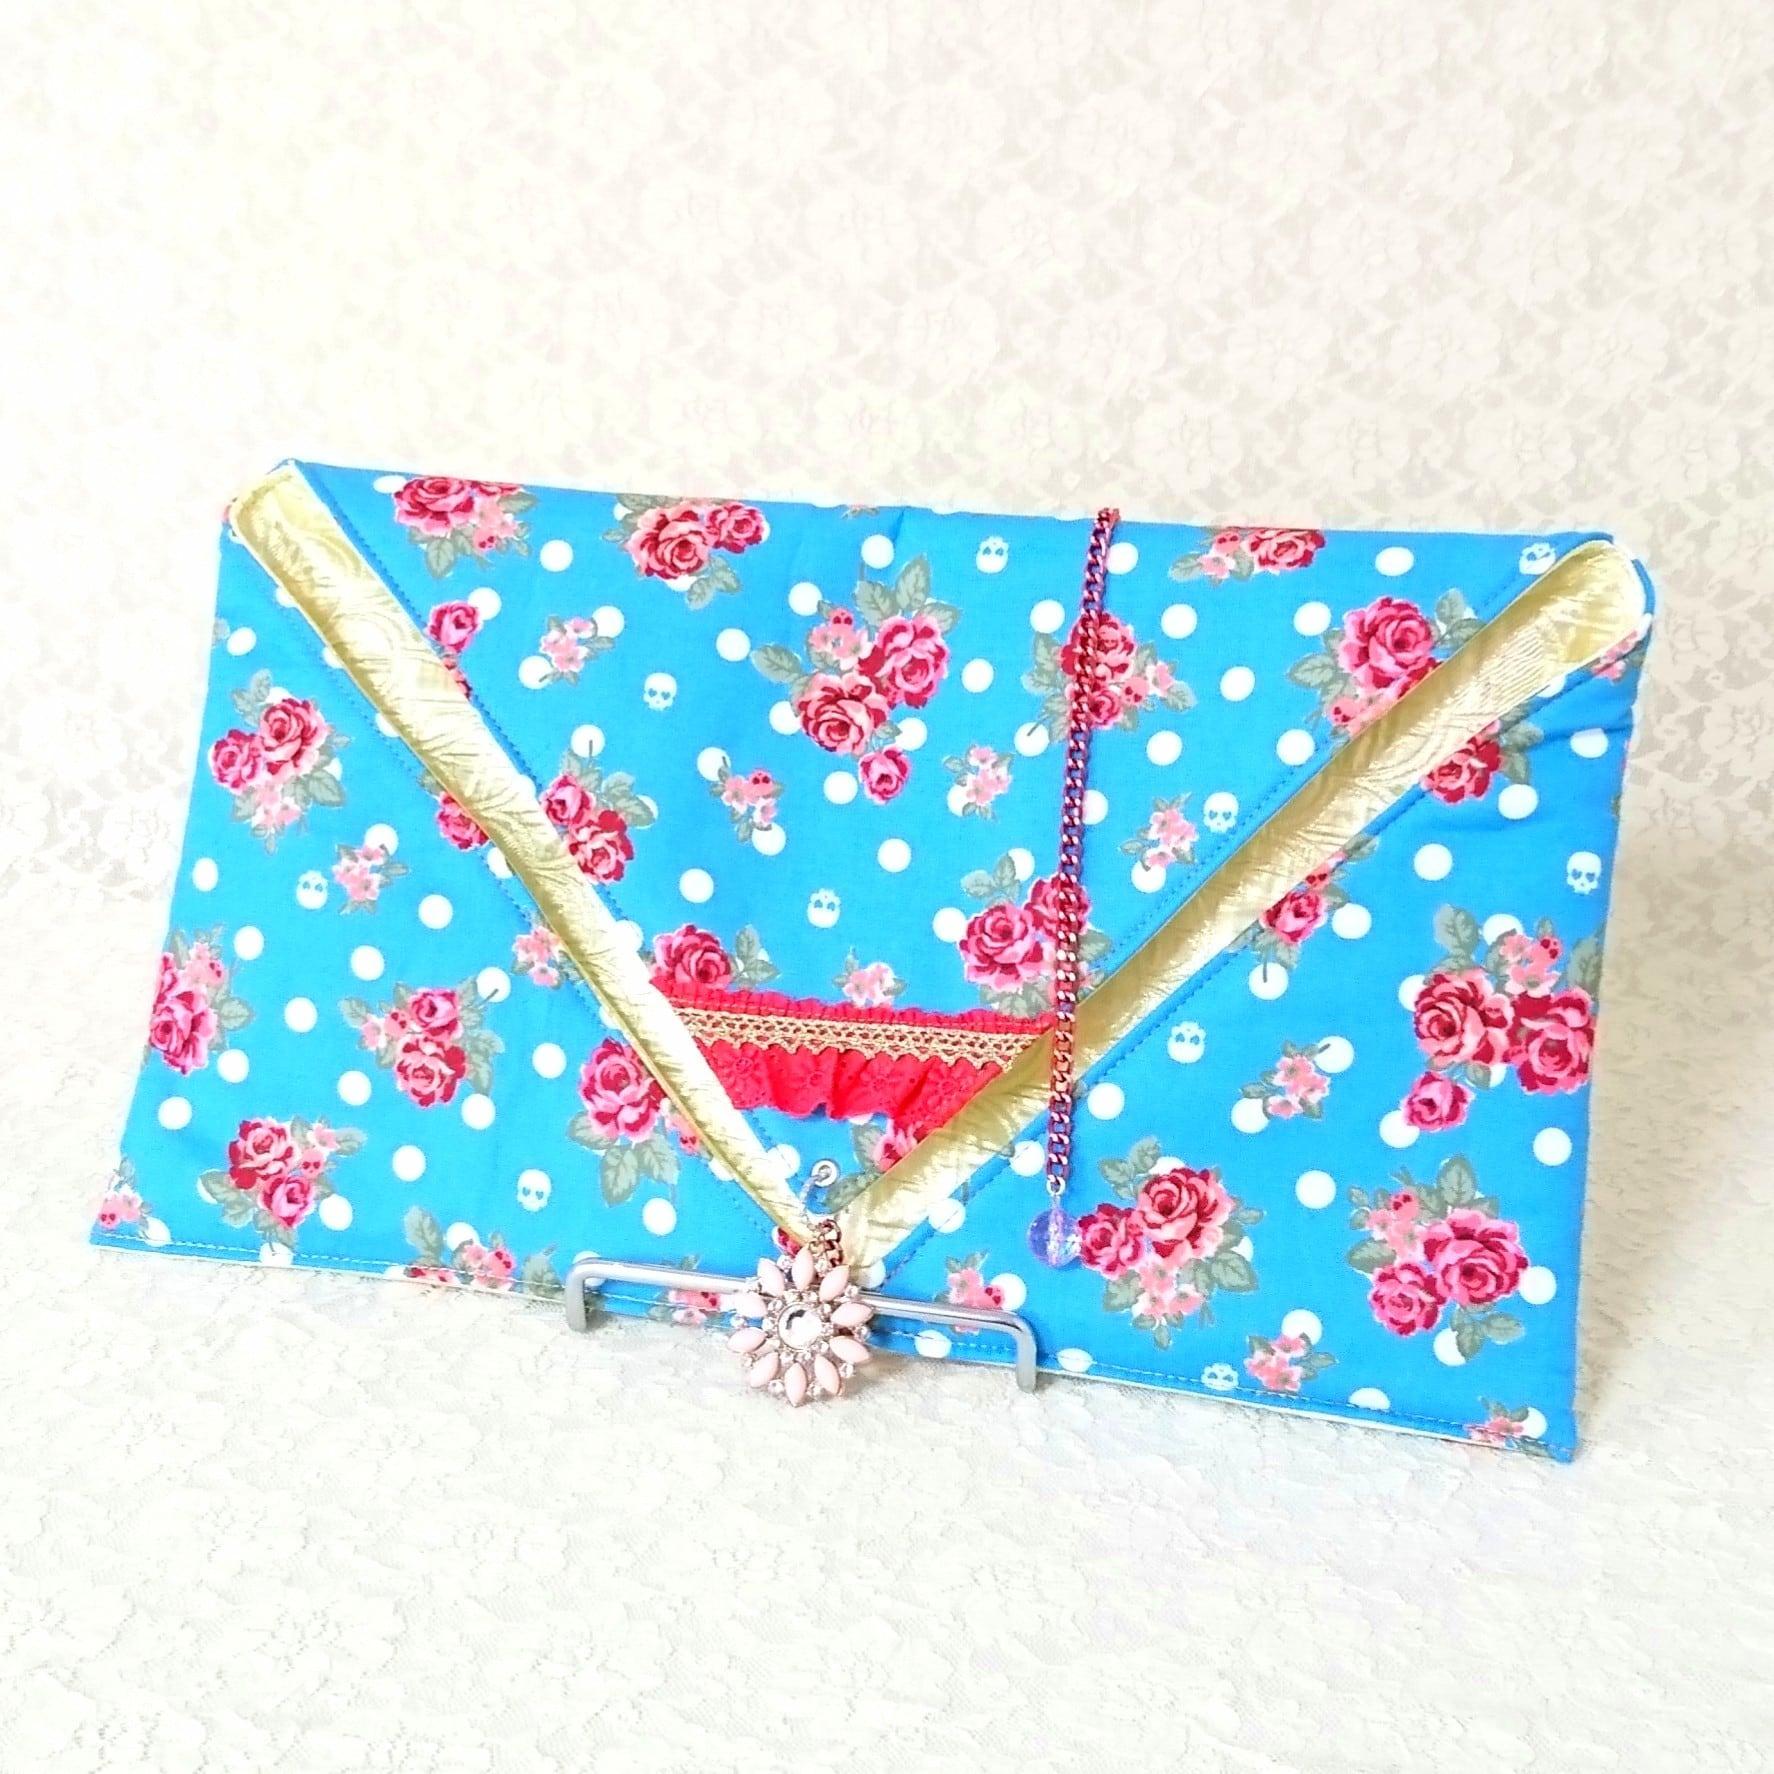 ファンベールケース【薔薇×お花チャーム】♪リバーシブル♪